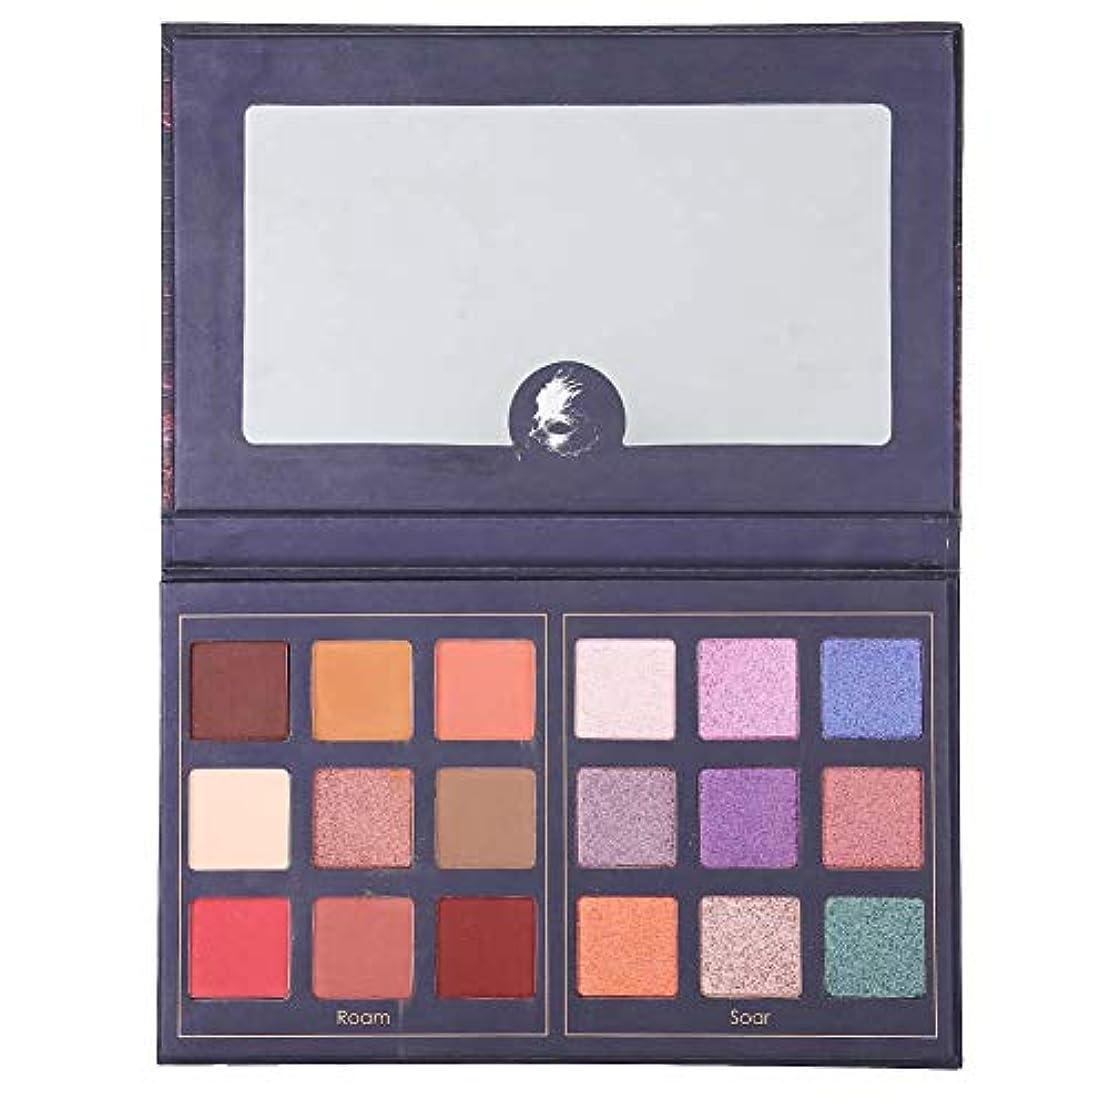 失望させる計り知れないネックレスアイシャドウパレットグリッター 18色 美しい 化粧品アイシャドウ化粧パウダー